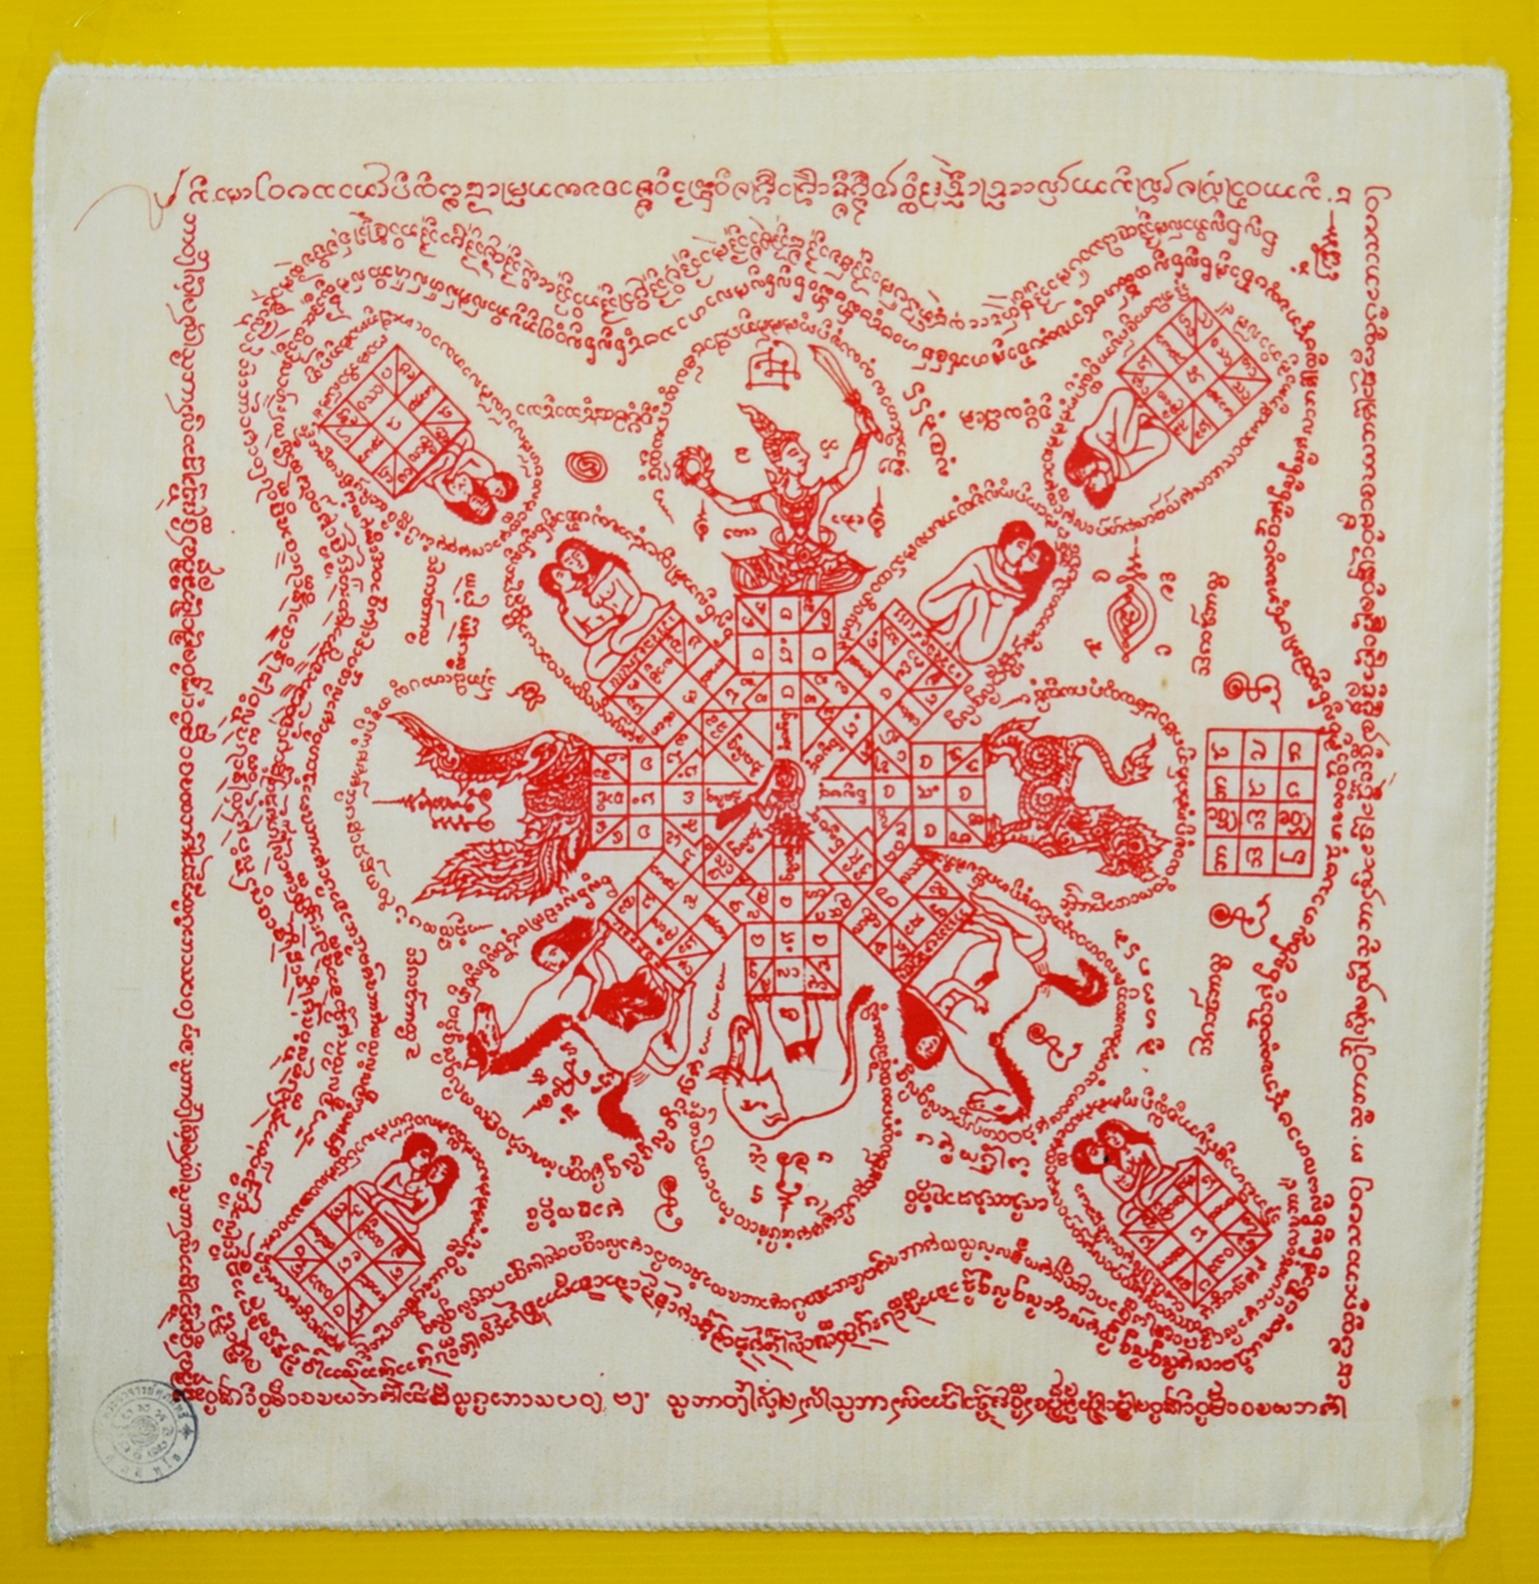 ผ้ายันต์ม้าเสพนาง(อิ่นแก้ว) สีแดง พระอาจารย์ศุภสิทธิ์ วัดบางน้ำชน บุคคโล 2555